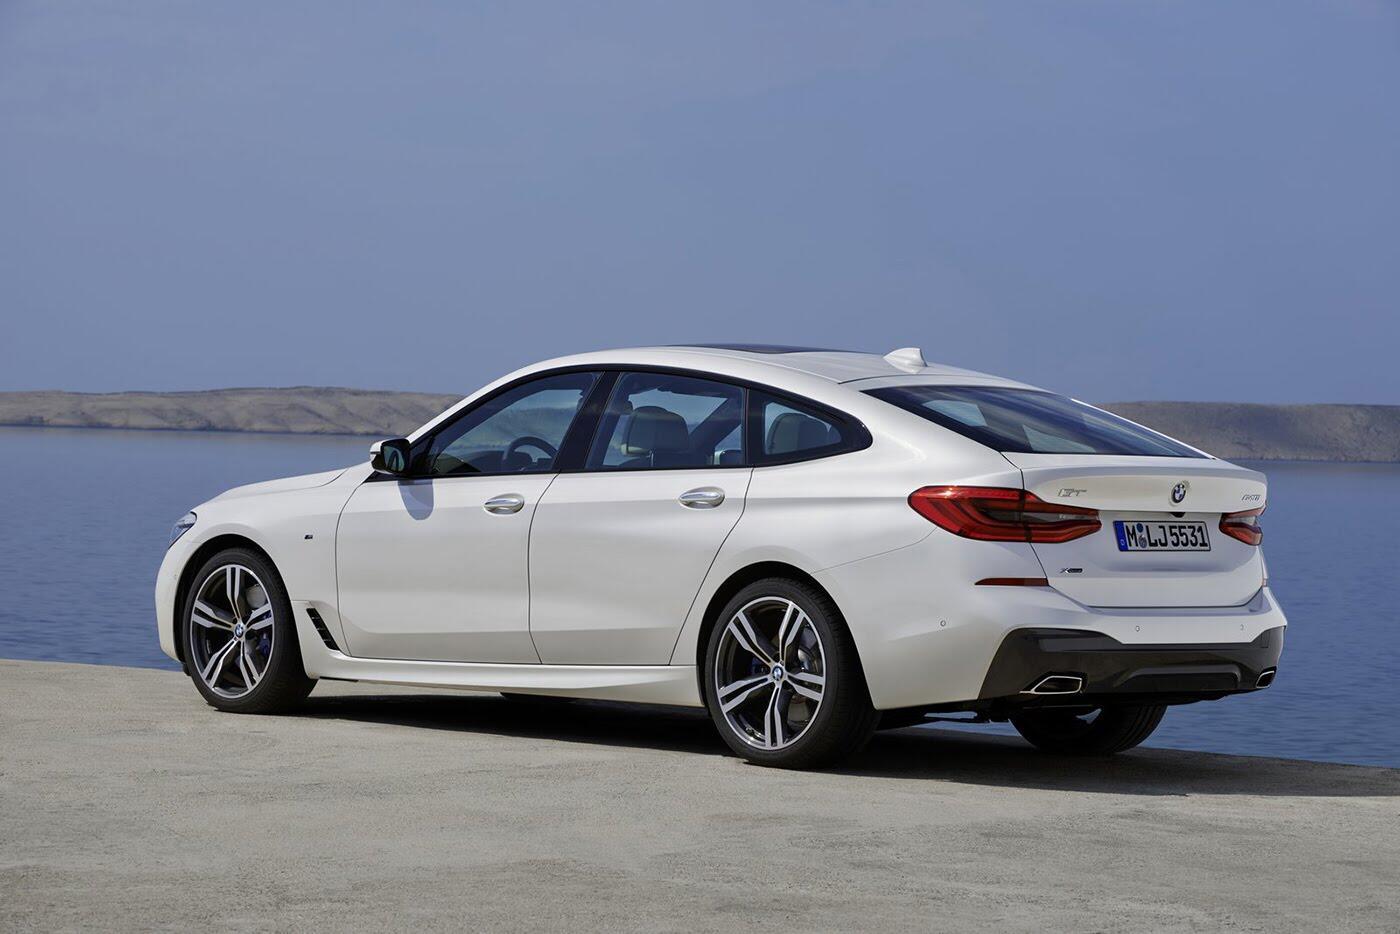 Xem thêm ảnh BMW 6-Series Gran Turismo 2018 - Hình 7